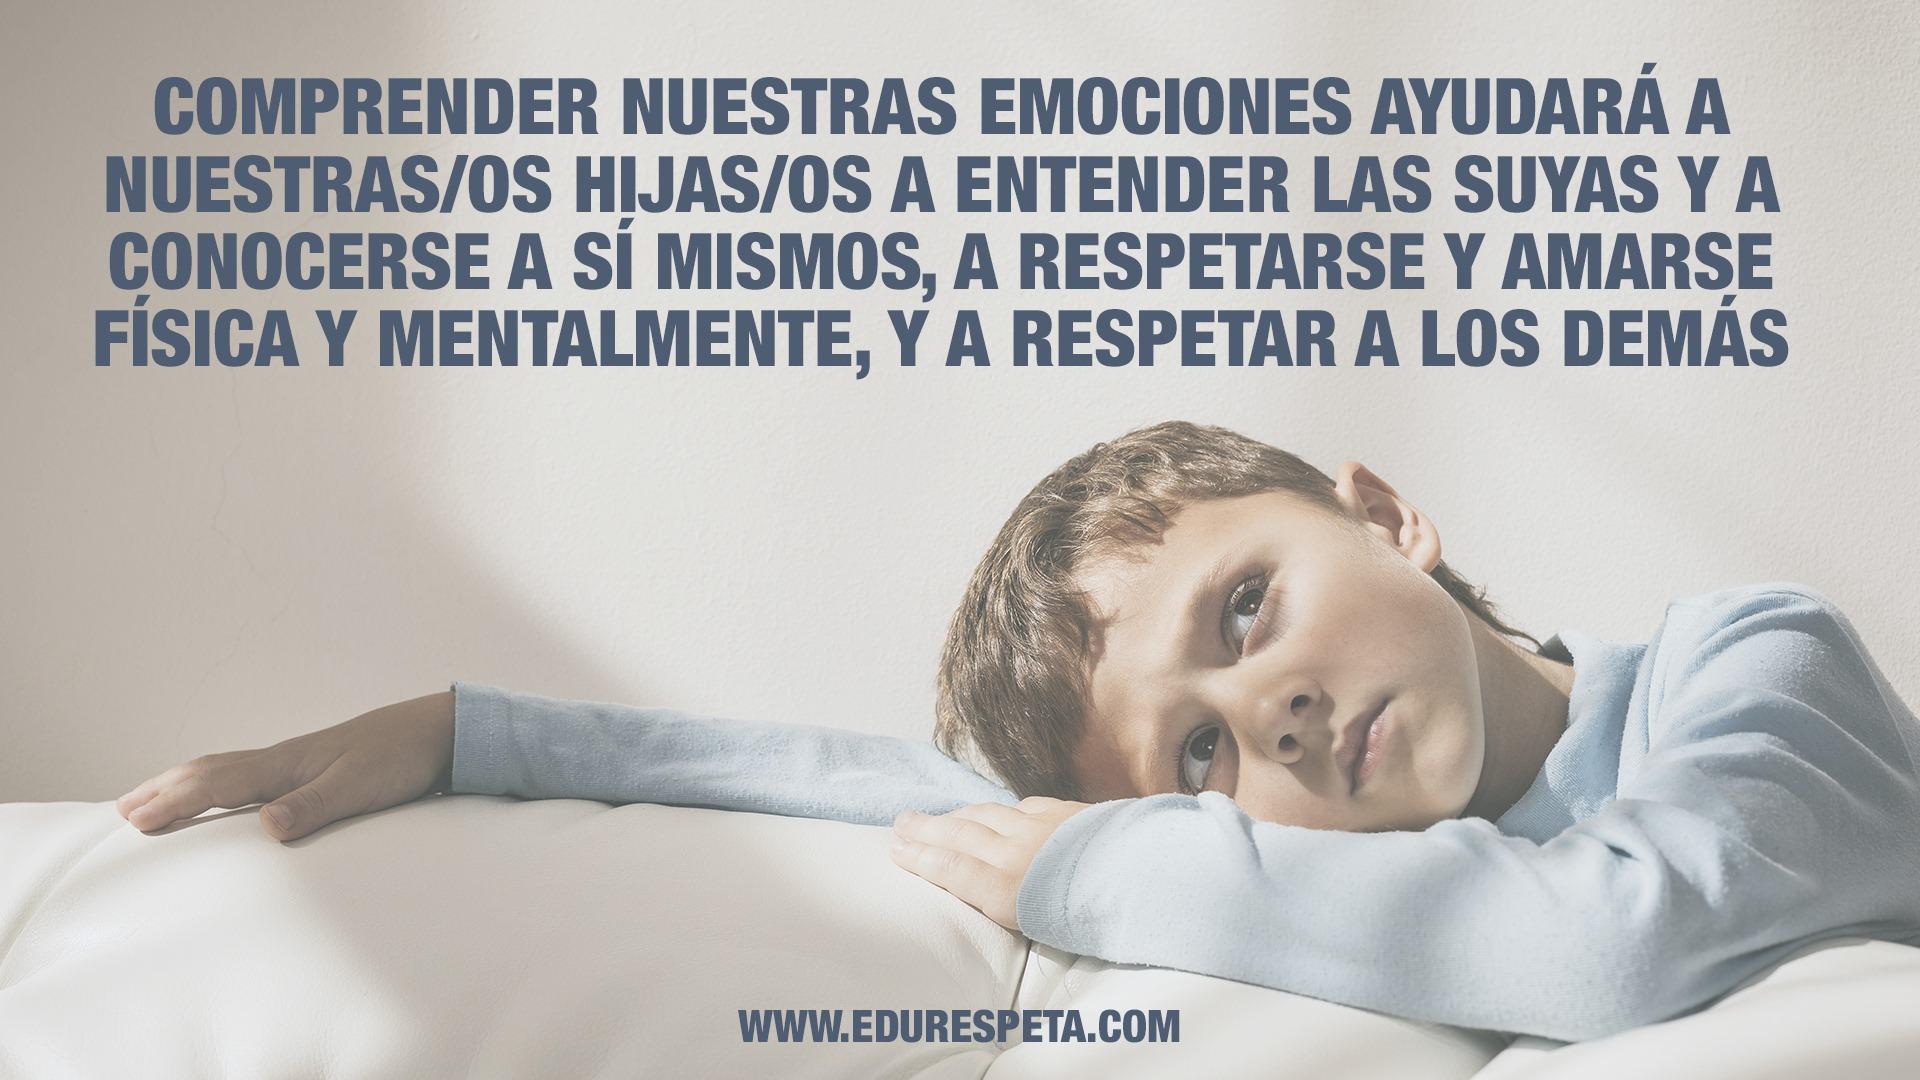 Comprender nuestras emociones ayudará a nuestros/as hijos/as a entender las suyas